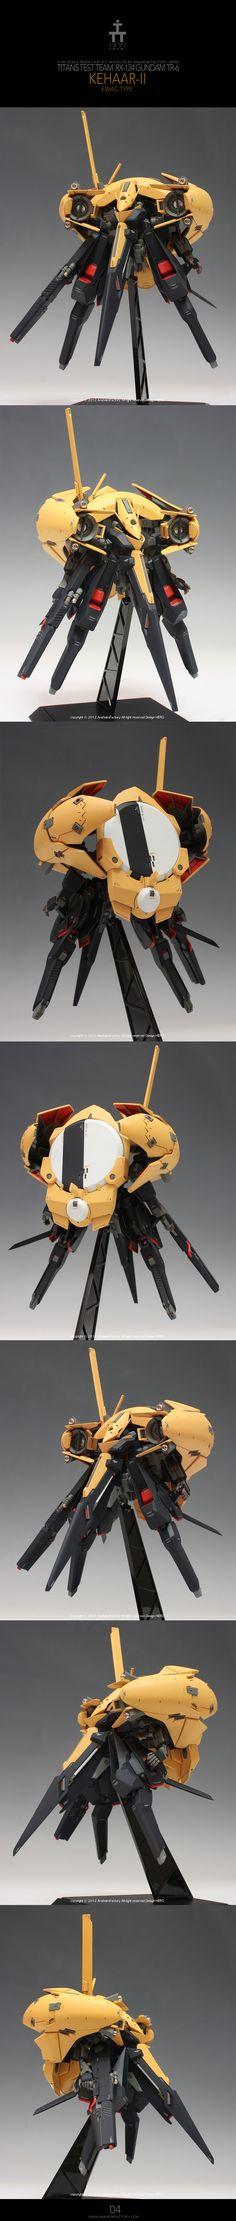 1/144 [C3xHobby] Resin Kit Remodeling by HERO: RX-124 Gundam TR-6 Kehaar-II CORPUSCULUM